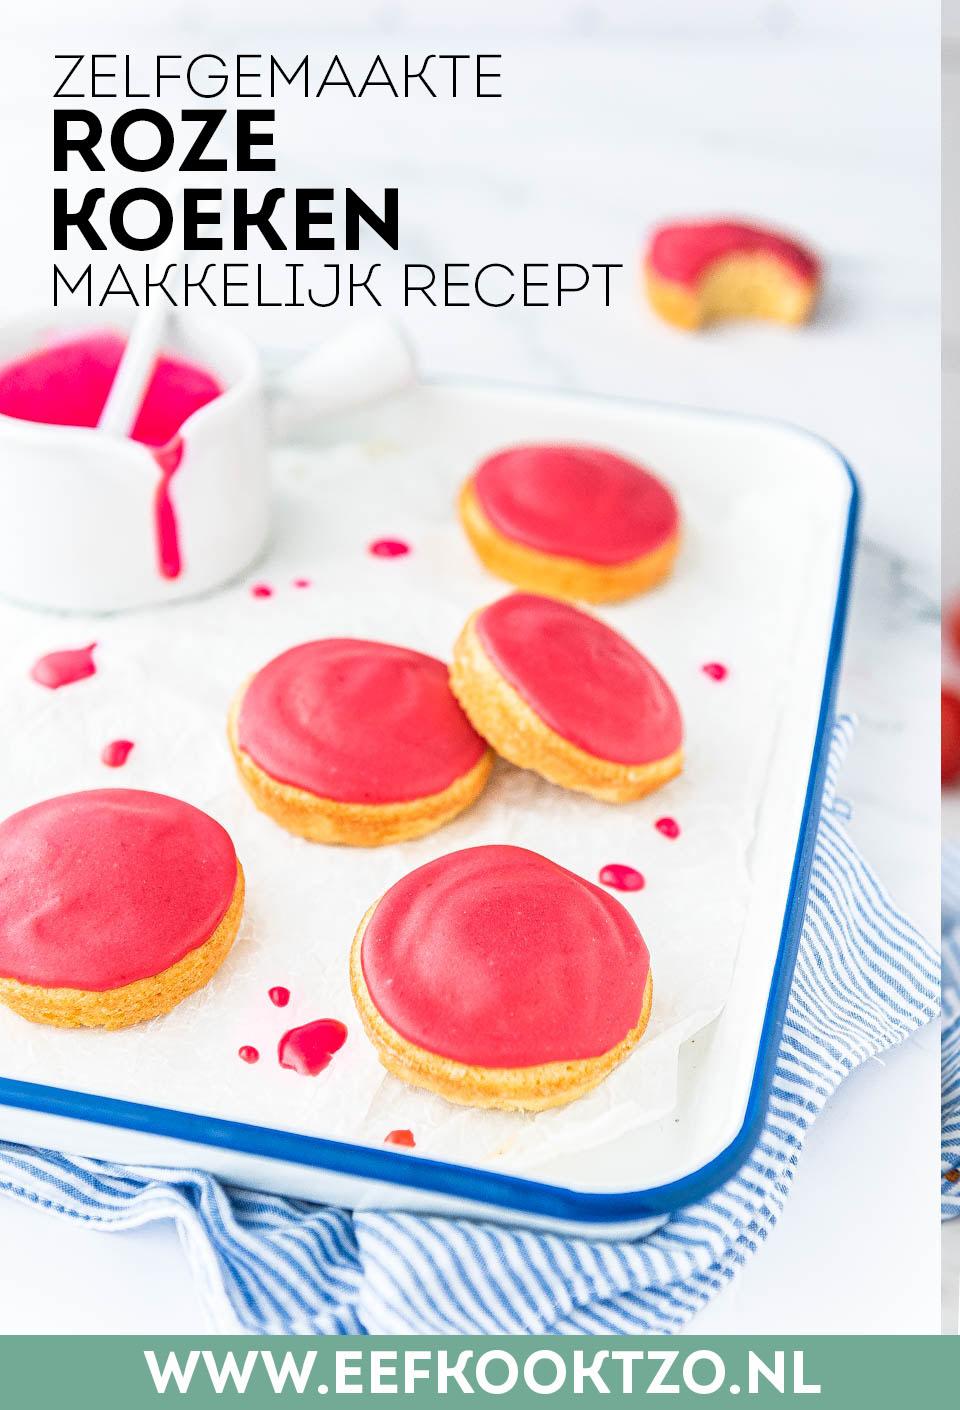 Roze koeken pinterest collage